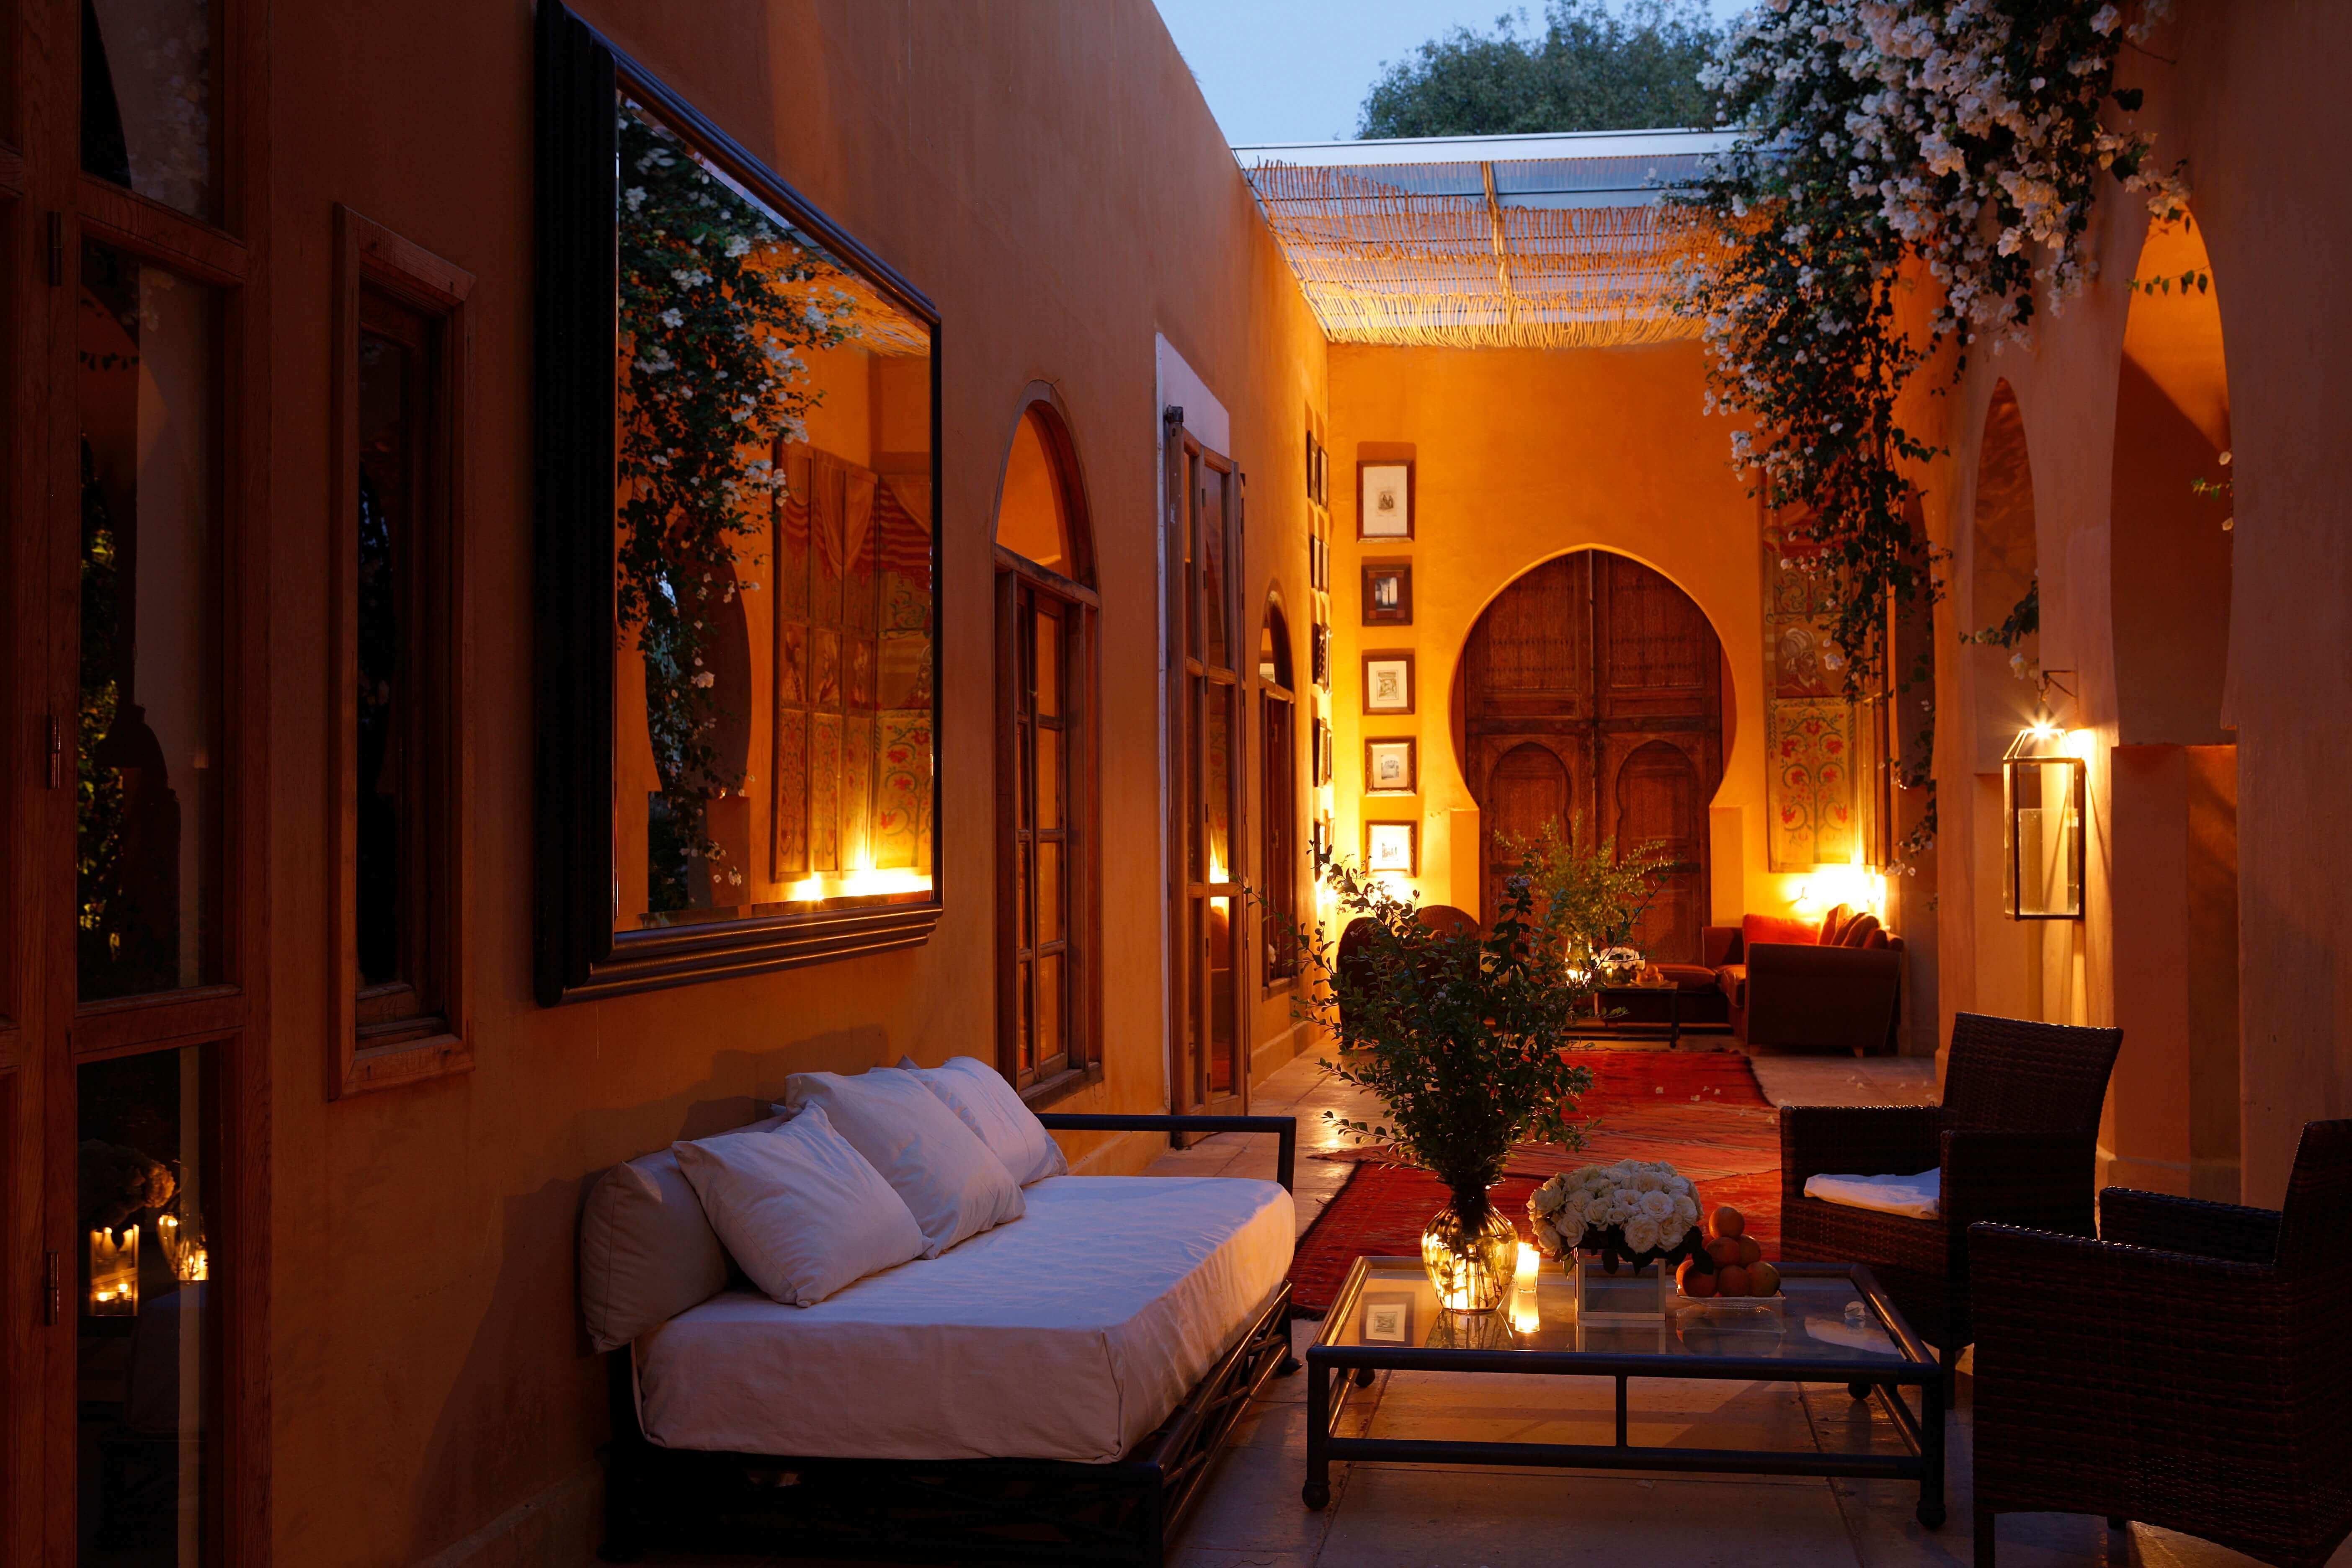 A dream come true in marrakech morocco for Design hotel marrakech